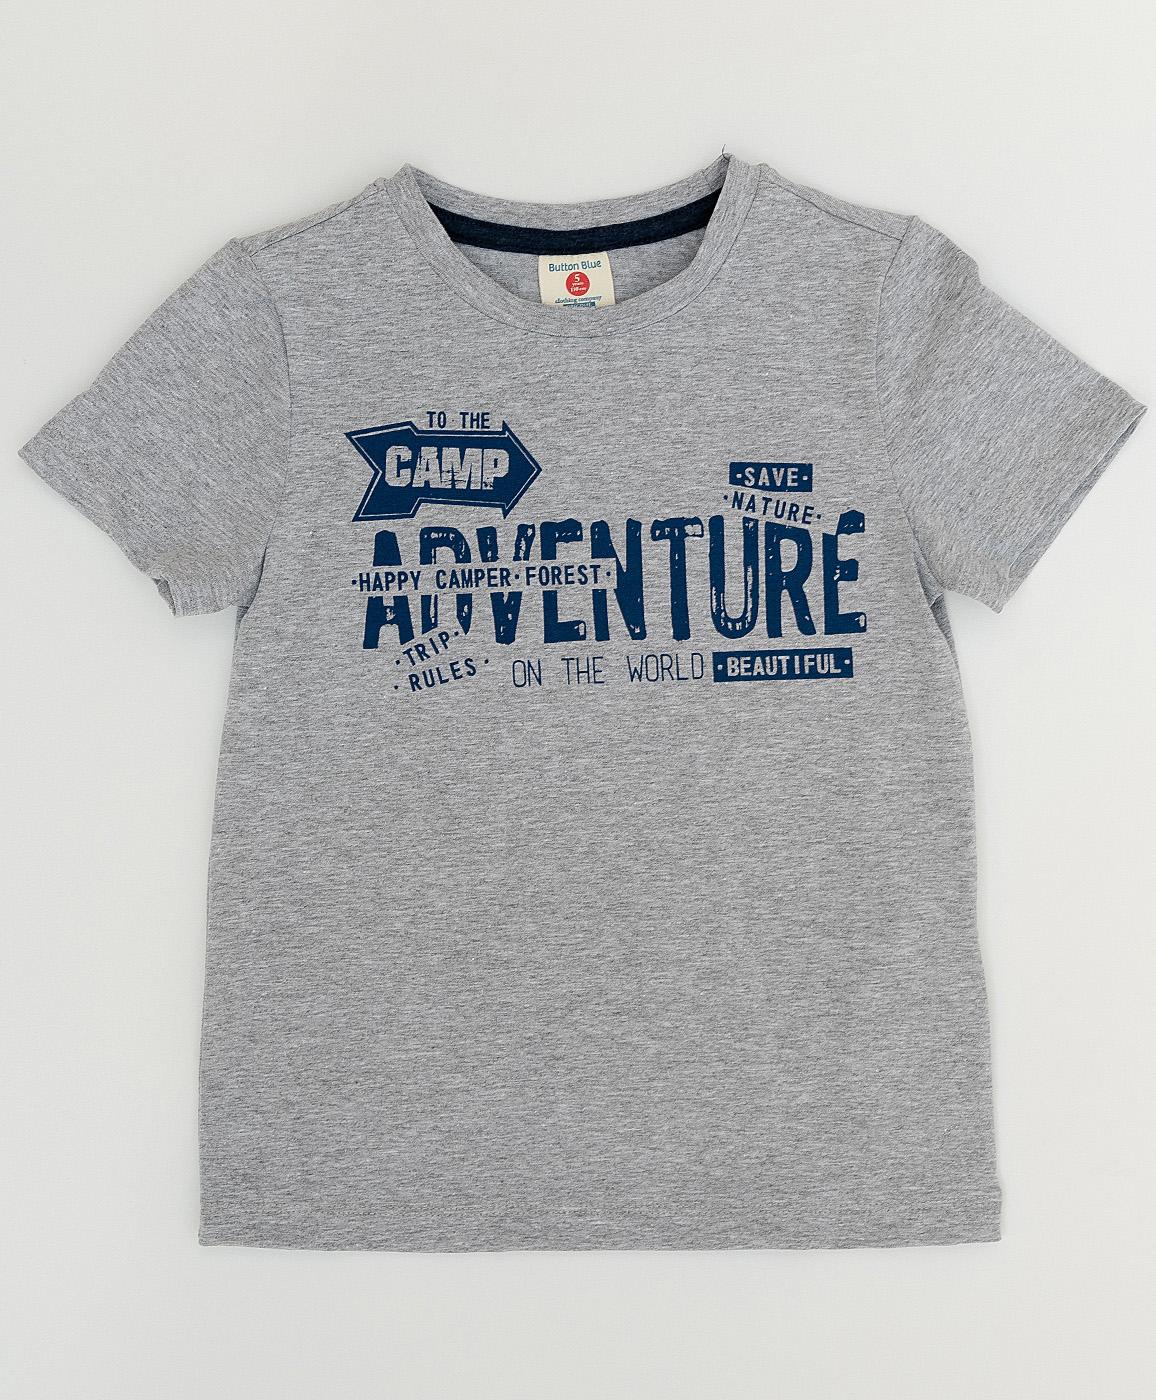 Купить 120BBBC12011900, Серая футболка с принтом Button Blue, серый, 134, Мужской, ВЕСНА/ЛЕТО 2020 (shop: GulliverMarket Gulliver Market)